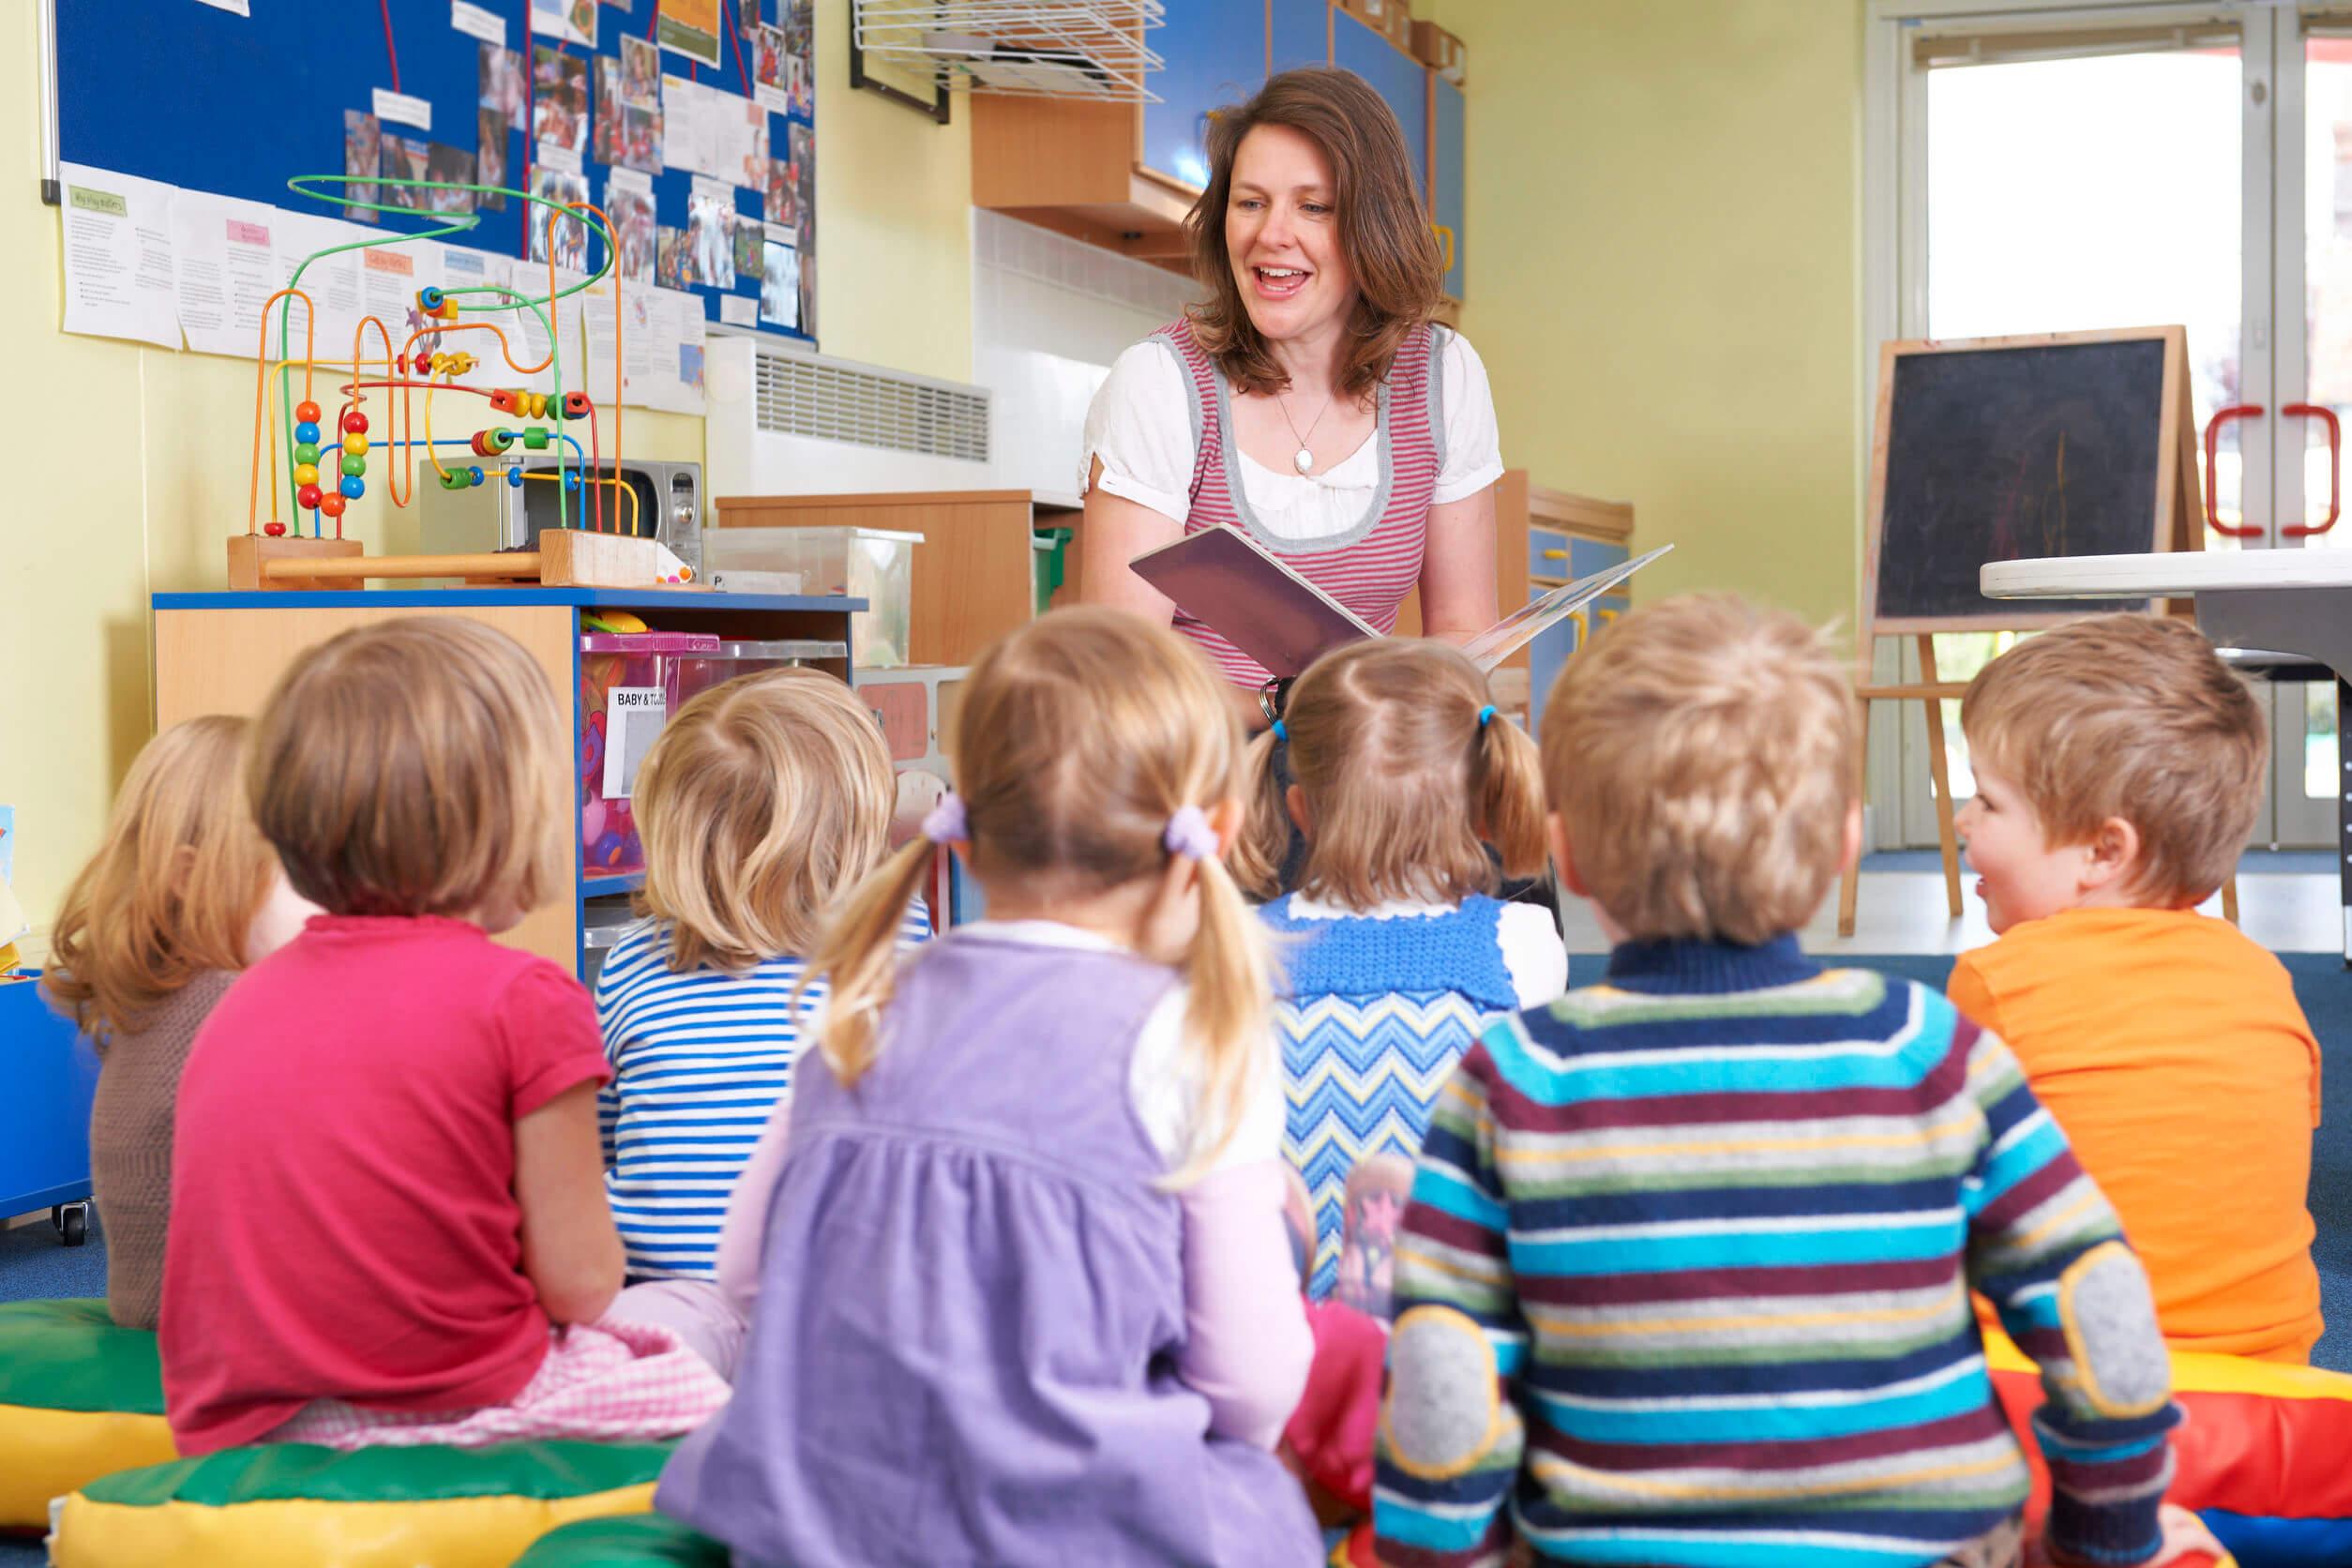 Los profesores de nuestros hijos pueden aportar una visión diferente sobre distintos problemas.